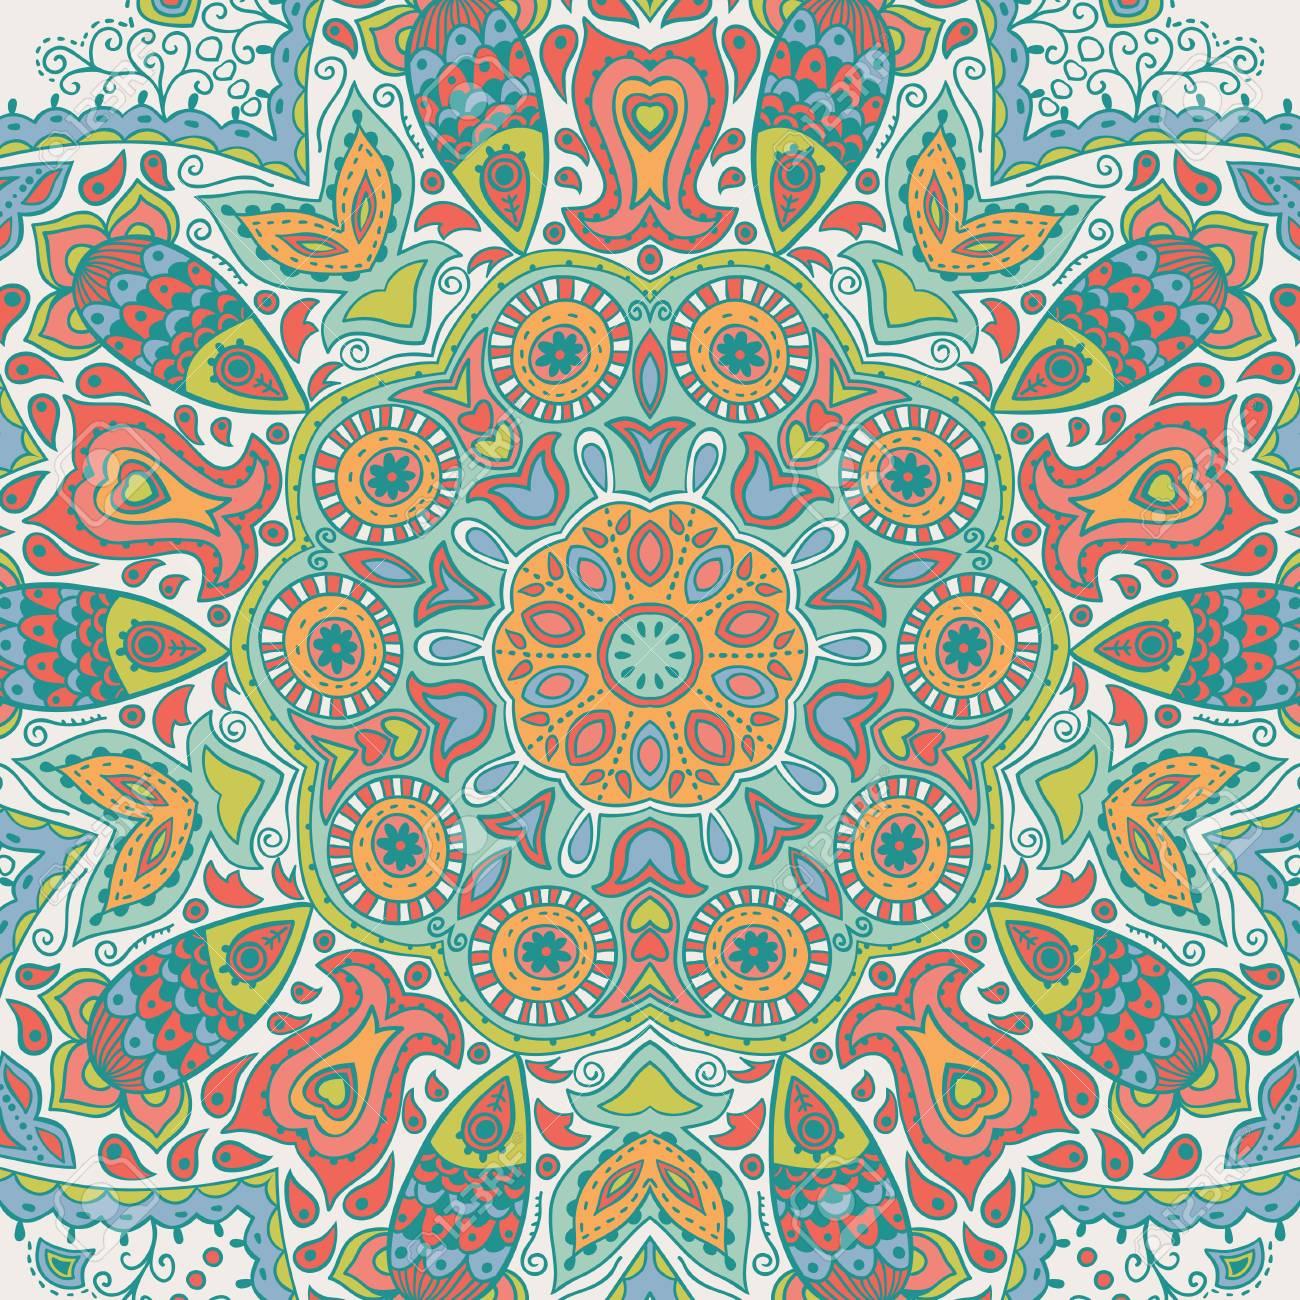 Ornamentale Runde Spitze Muster Kreis Hintergrund Mit Vielen